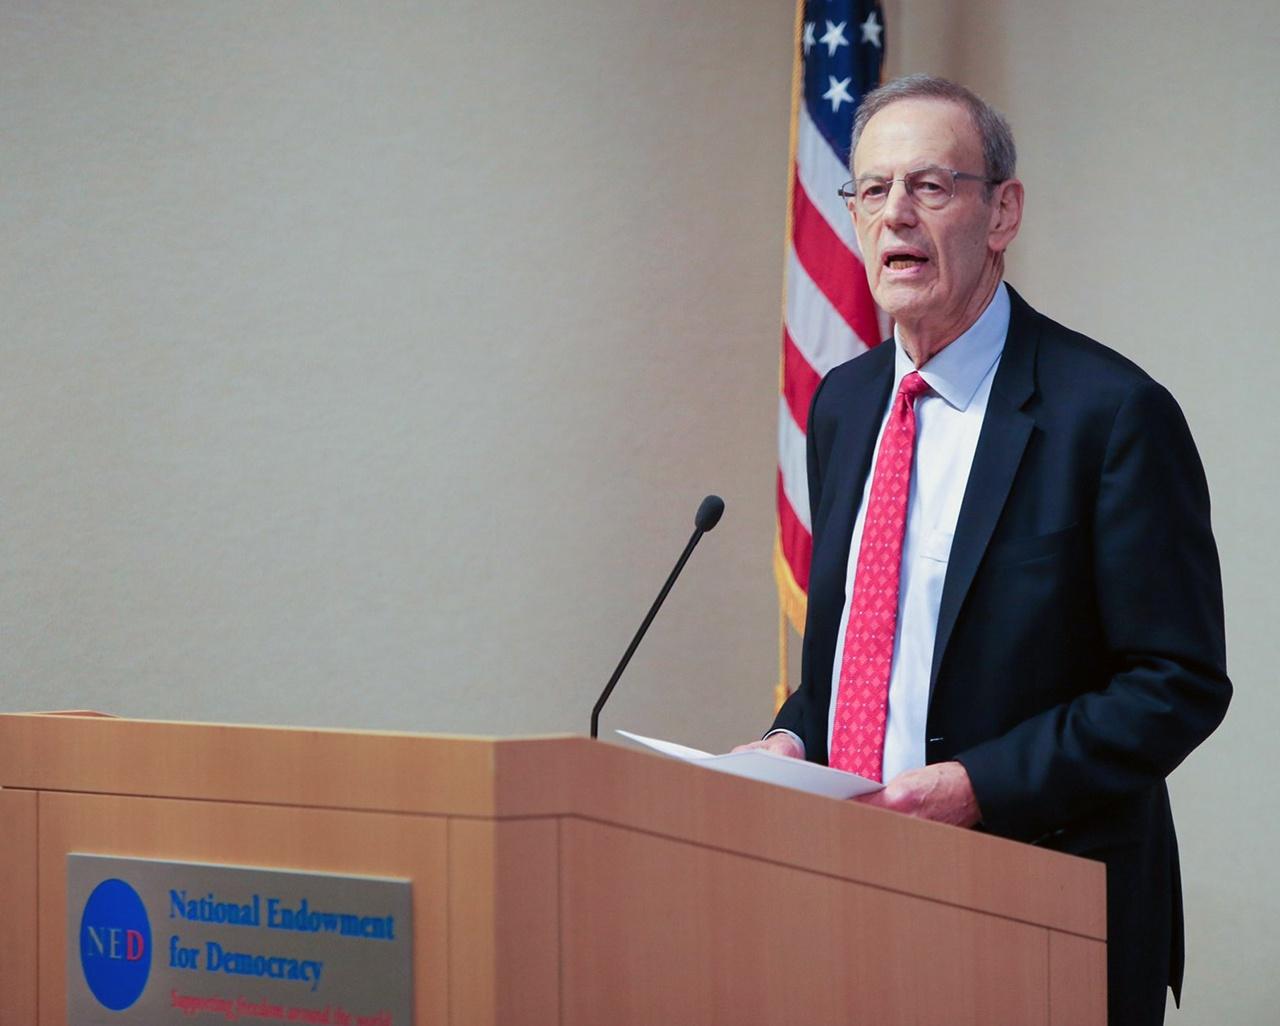 Президент NED Карл Гершман выложил пранкерам подробную информацию о подрывной деятельности своей организации на постсоветском пространстве, а также о технологии вмешательства во внутренние дела других государств.